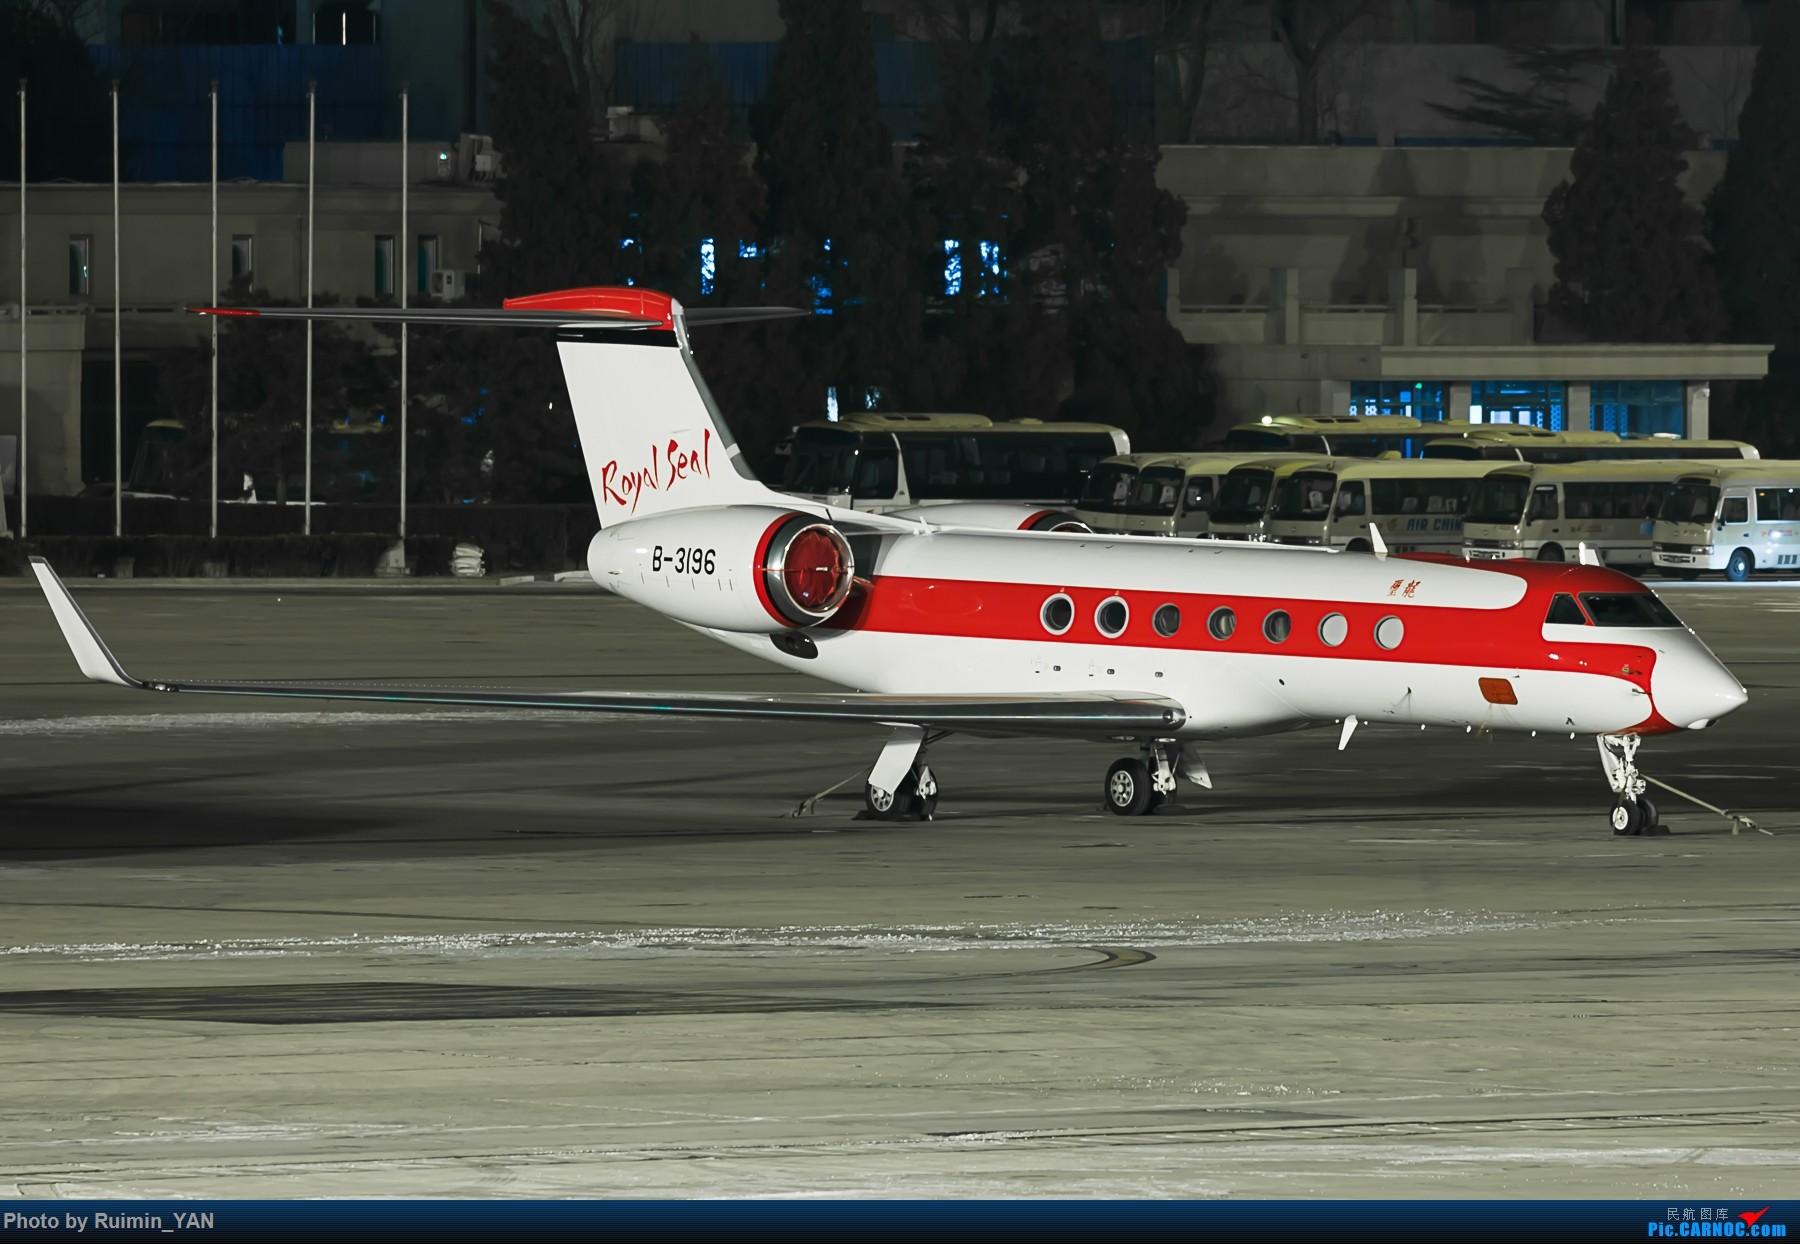 [原创]【PEK】【夜景】龙玺国际集团(Royal Seal)湾流Gulfstream G550 B-3196 GULFSTREAM G550 B-3196 中国北京首都国际机场